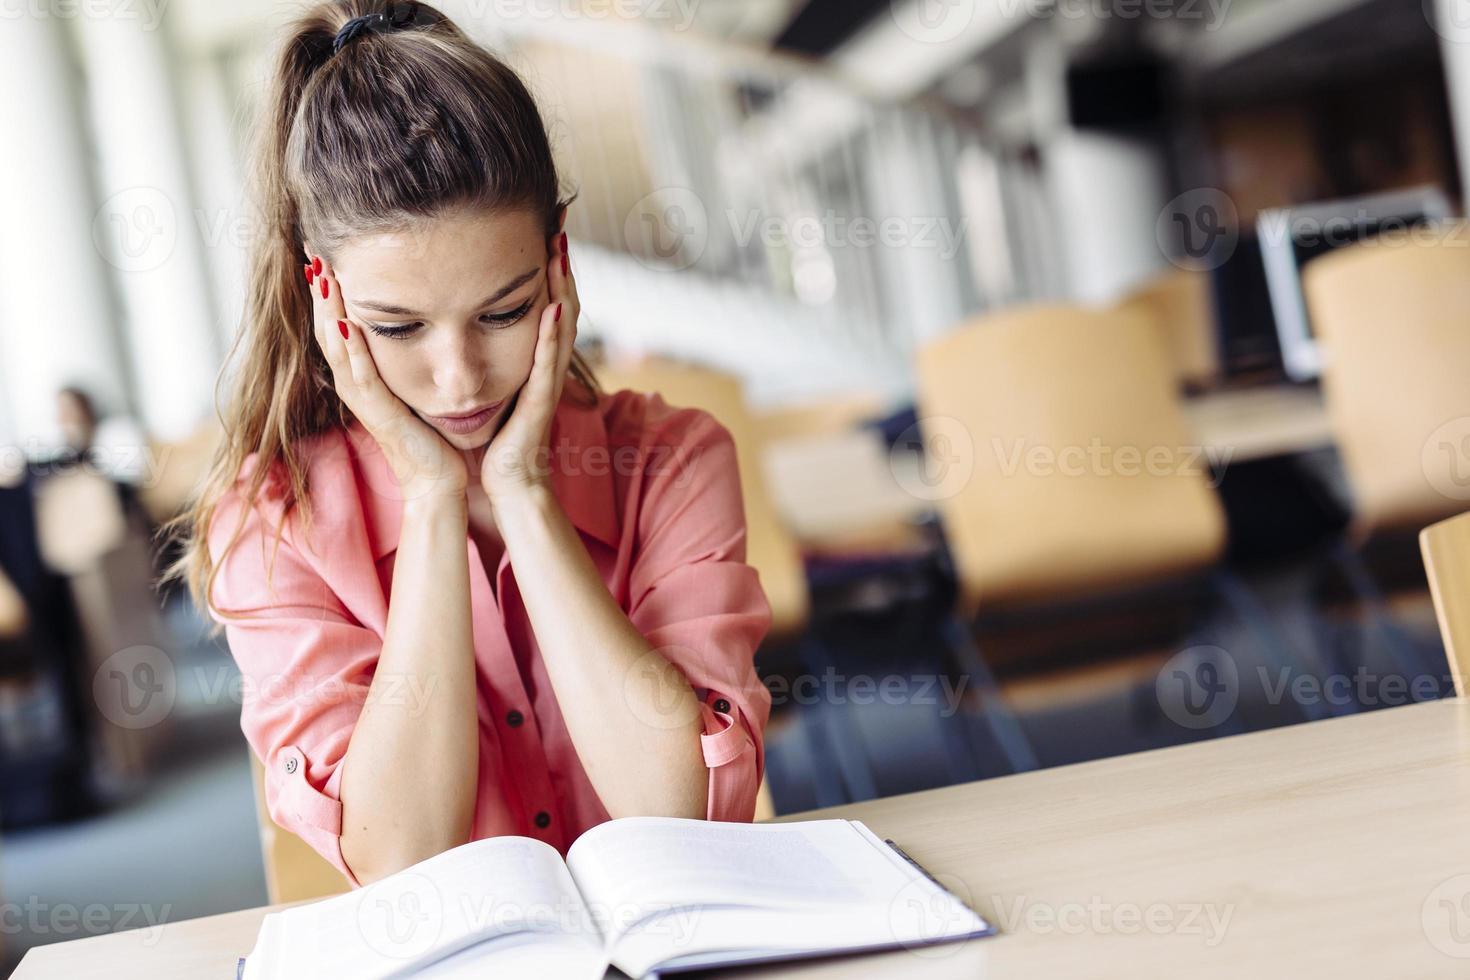 estudiante femenino estudiando en la biblioteca foto